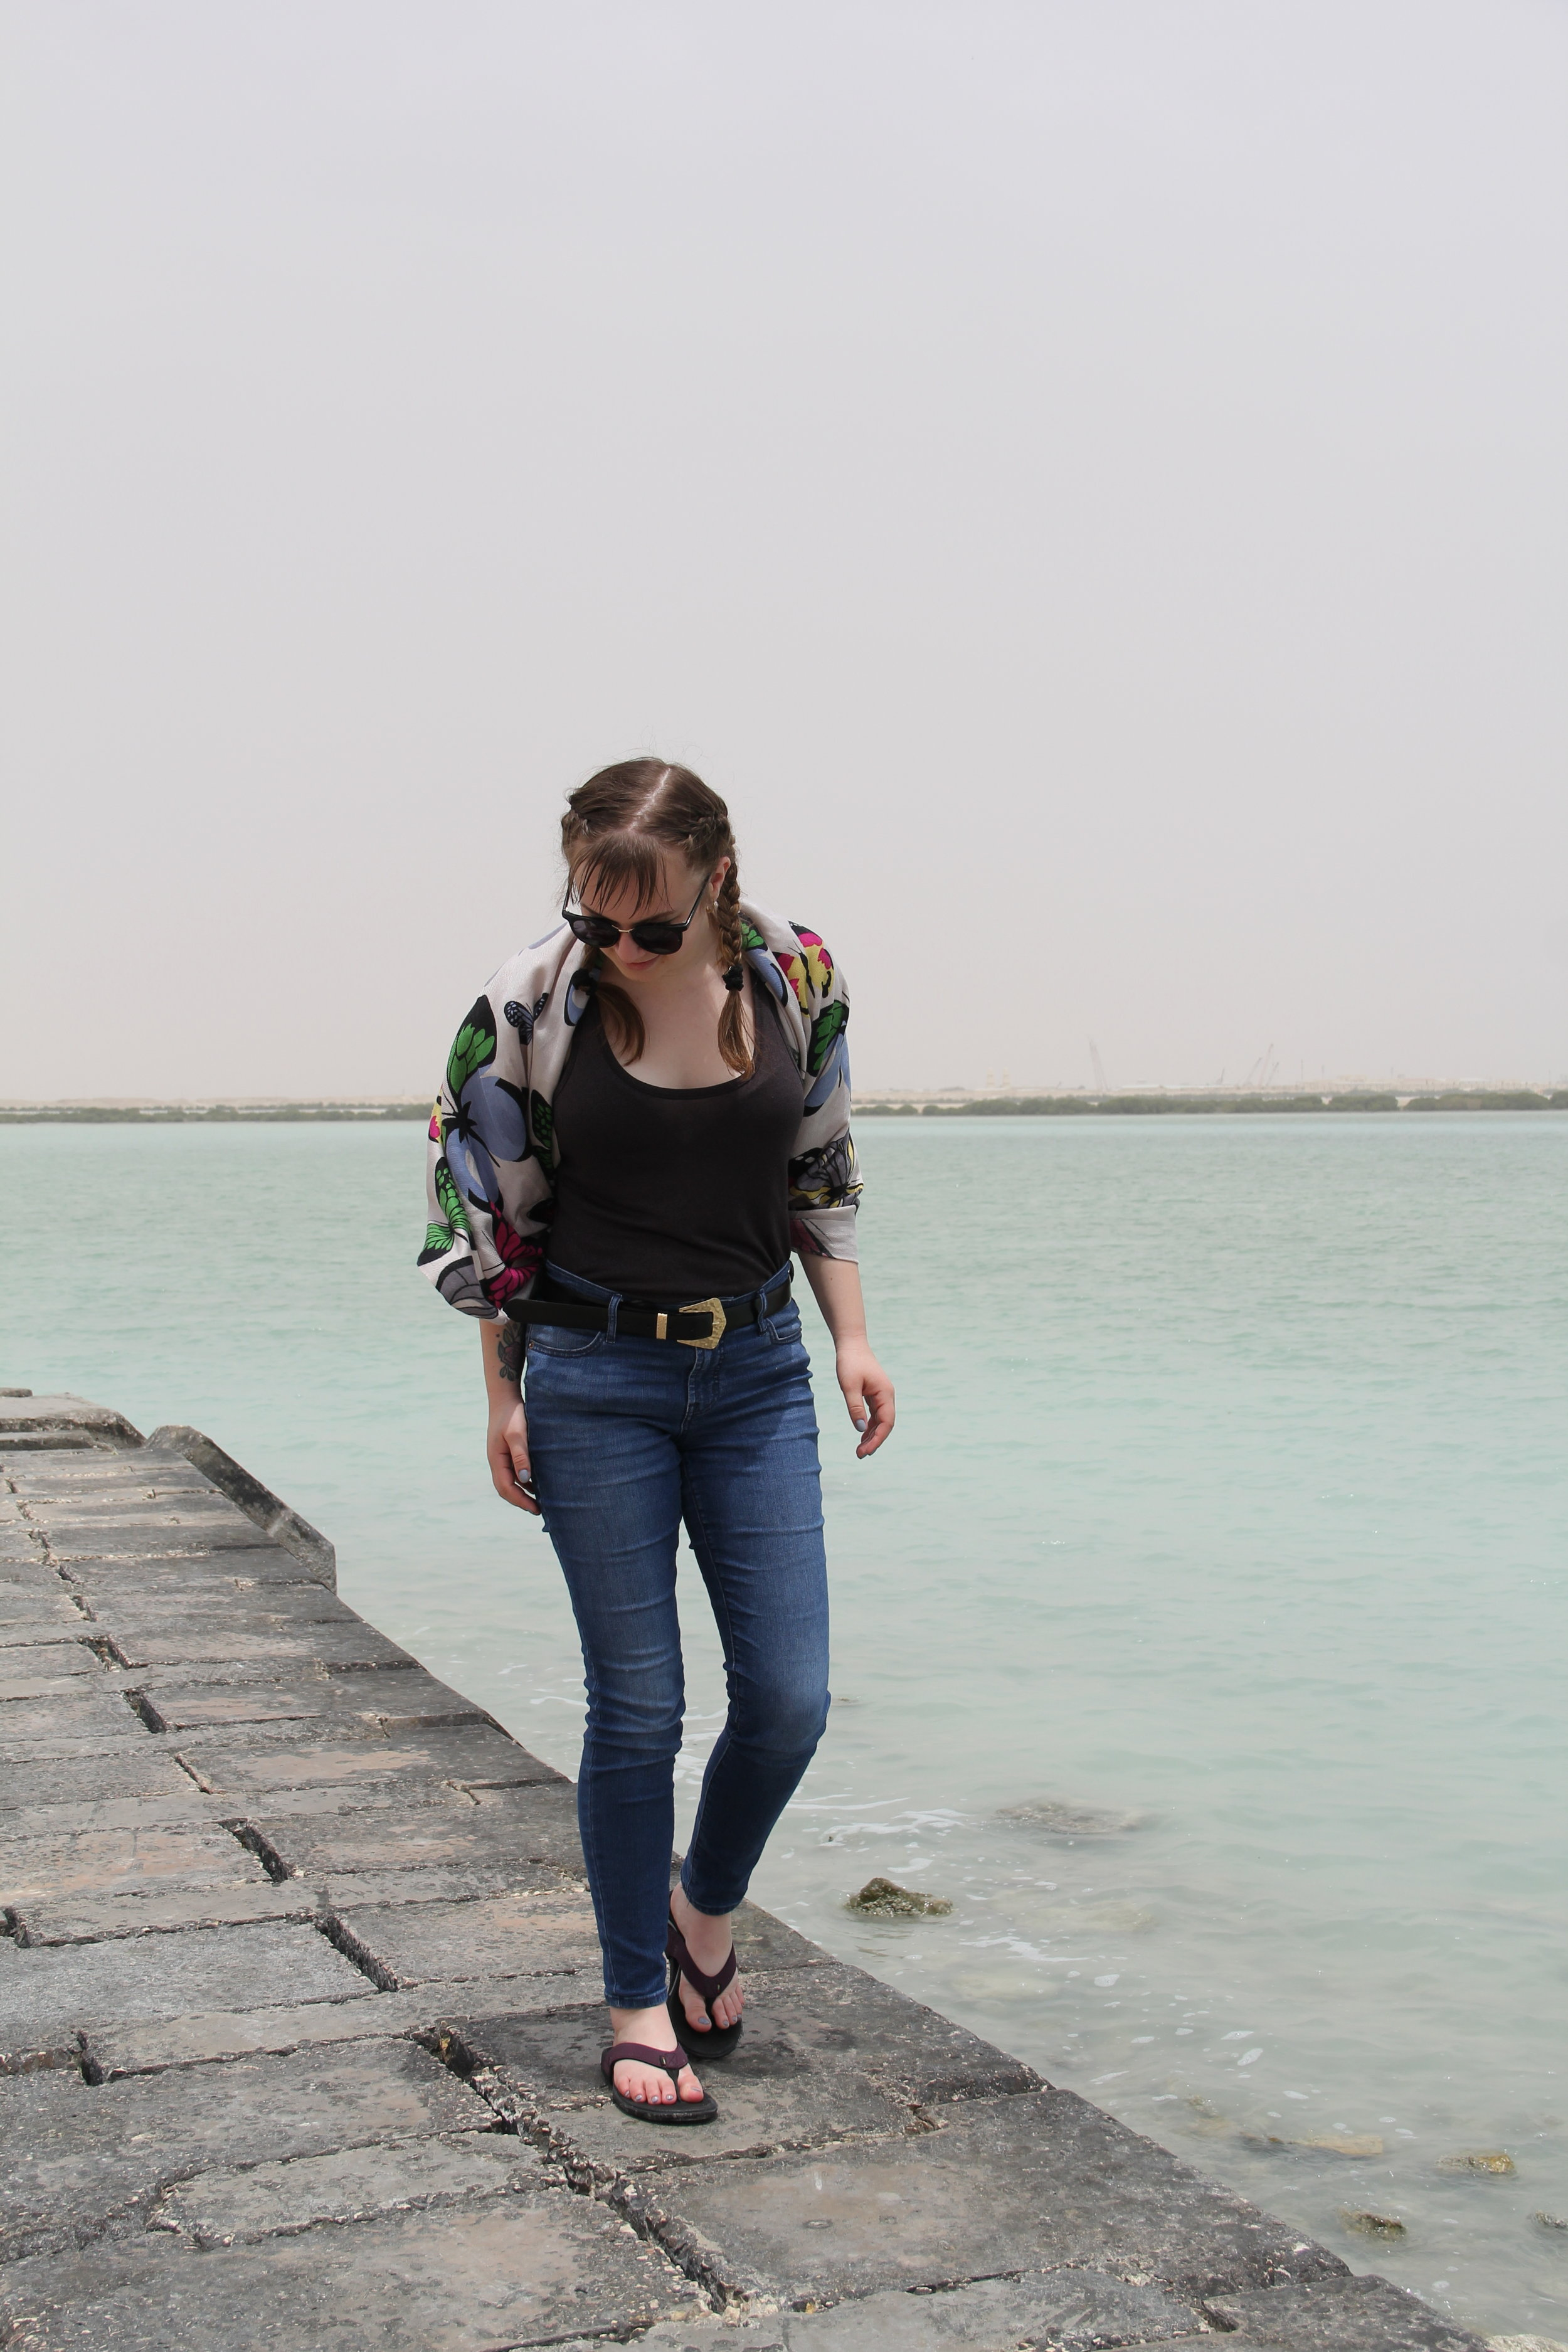 Along the Corniche. Al Khor Corniche, Al Khor, Qatar.